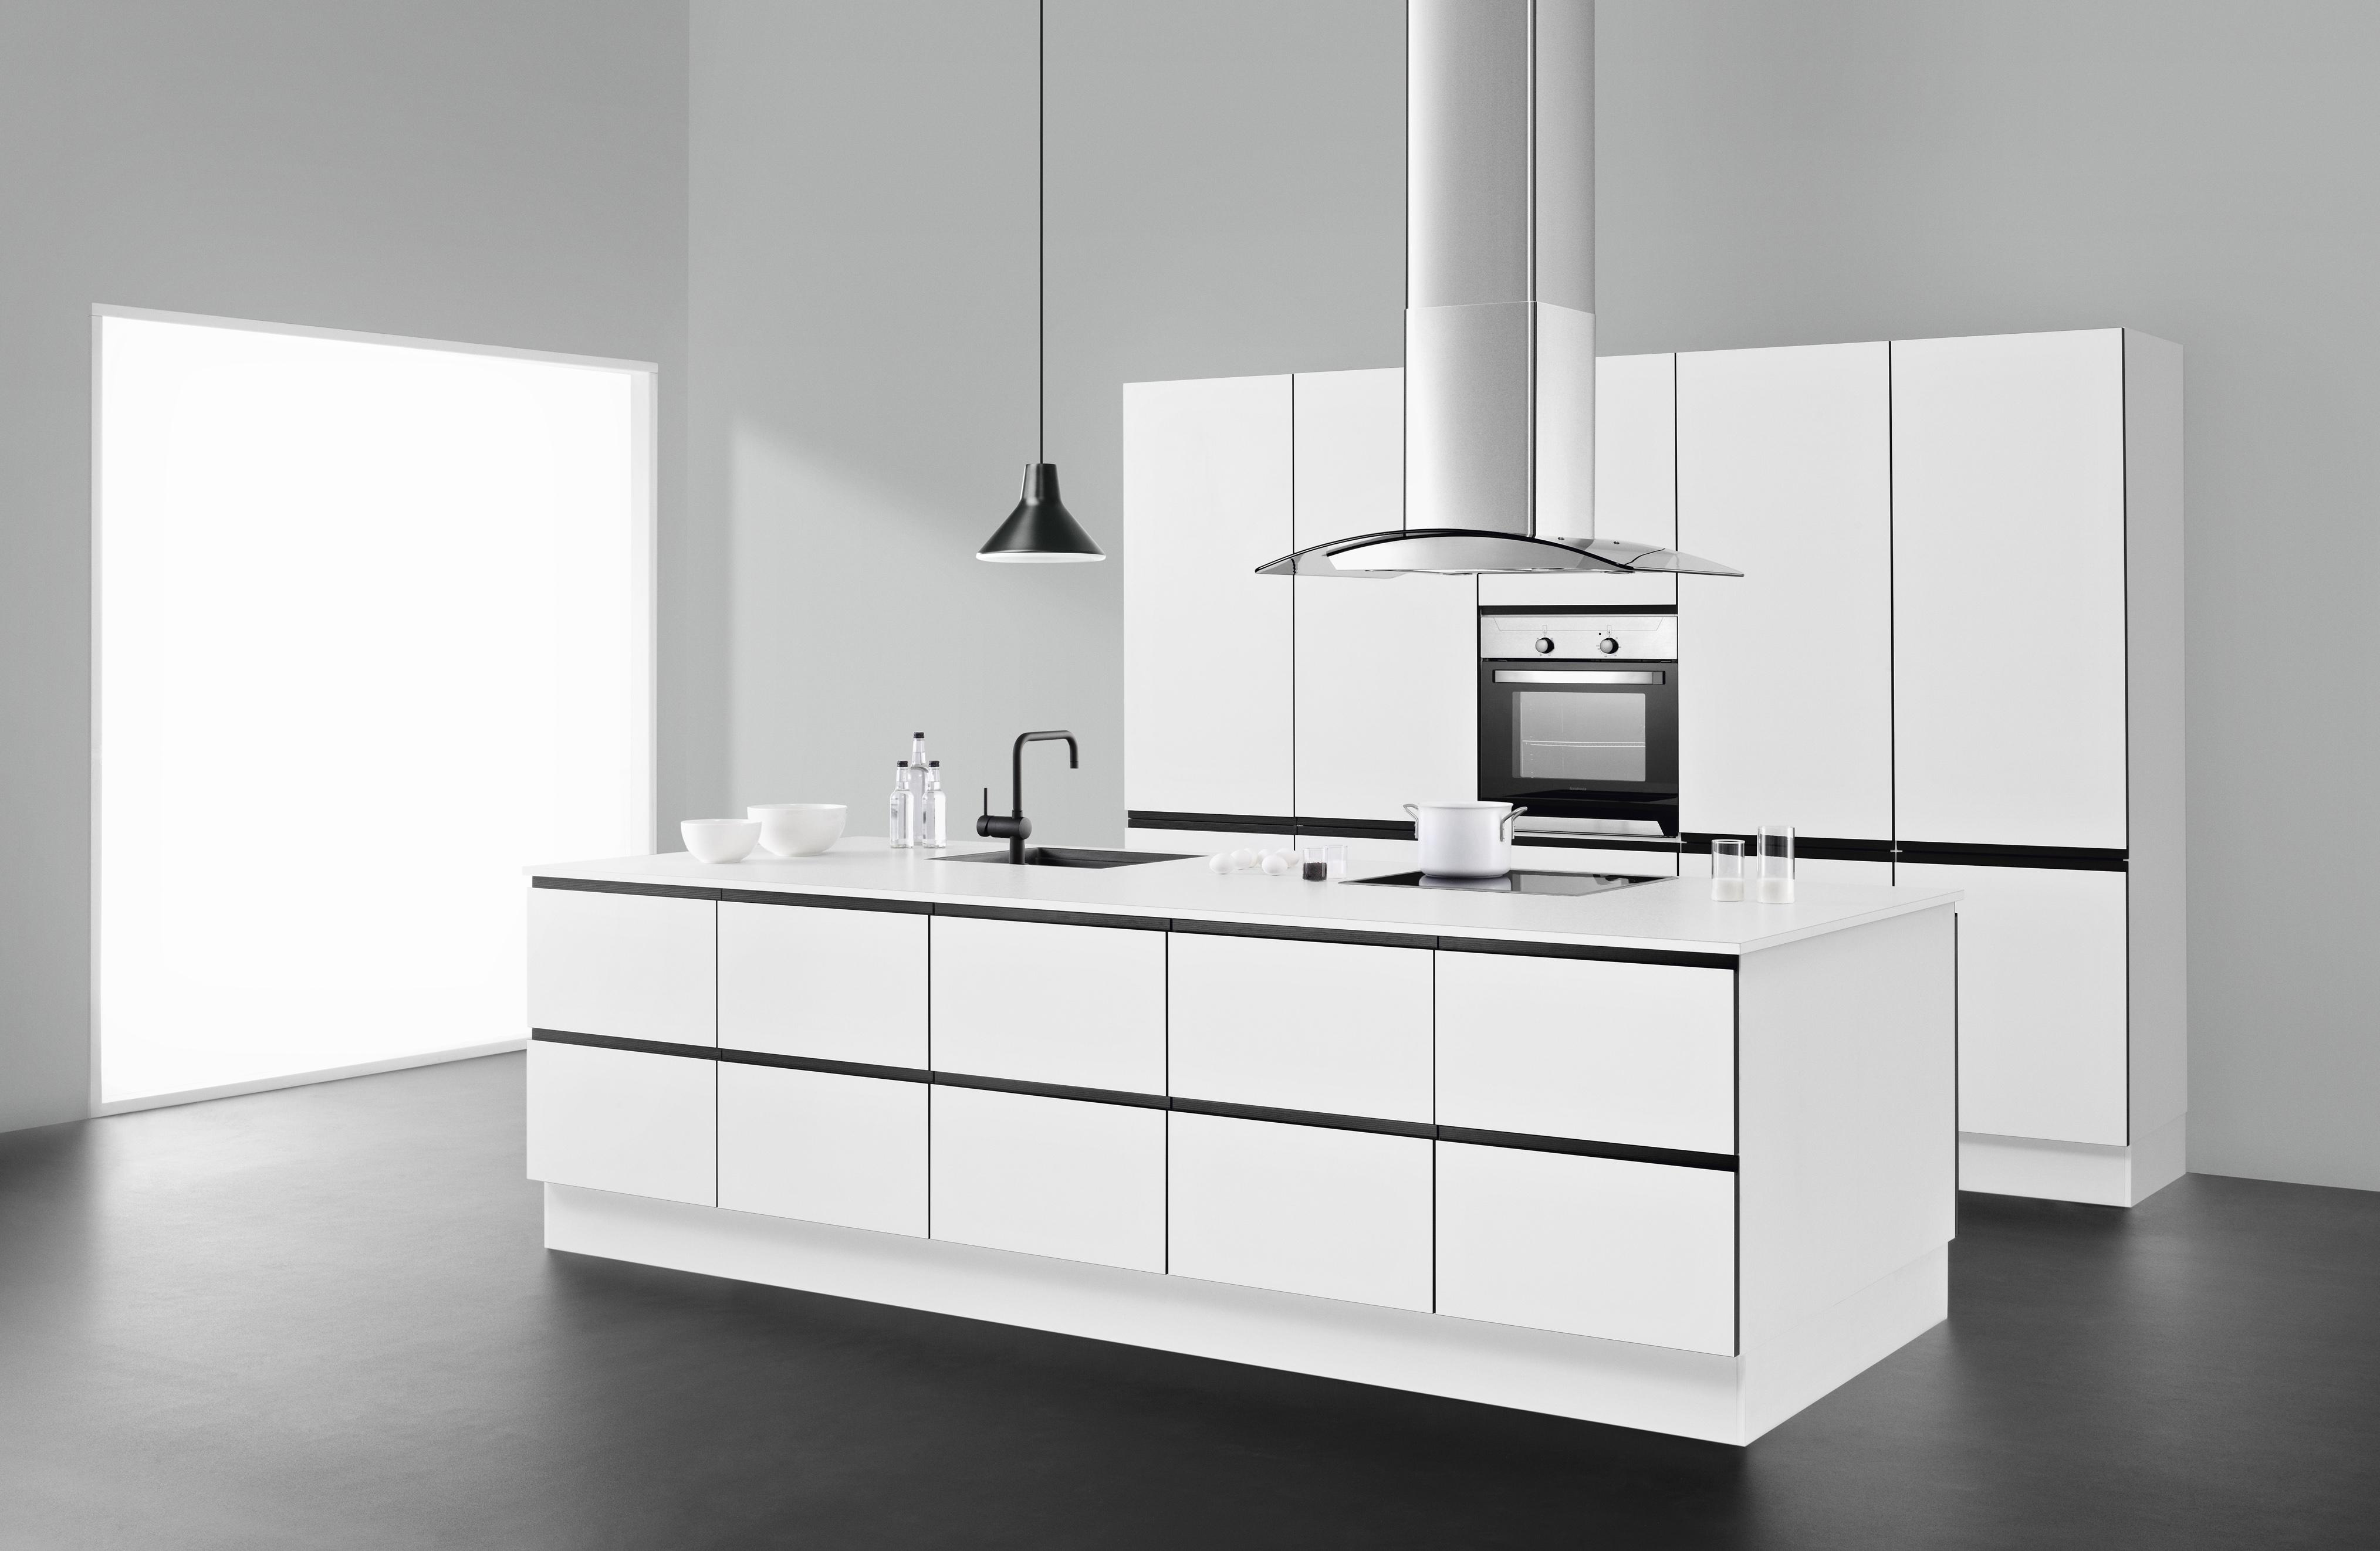 Ny serie kök från kvik ger mer dansk design för pengarna   kvik